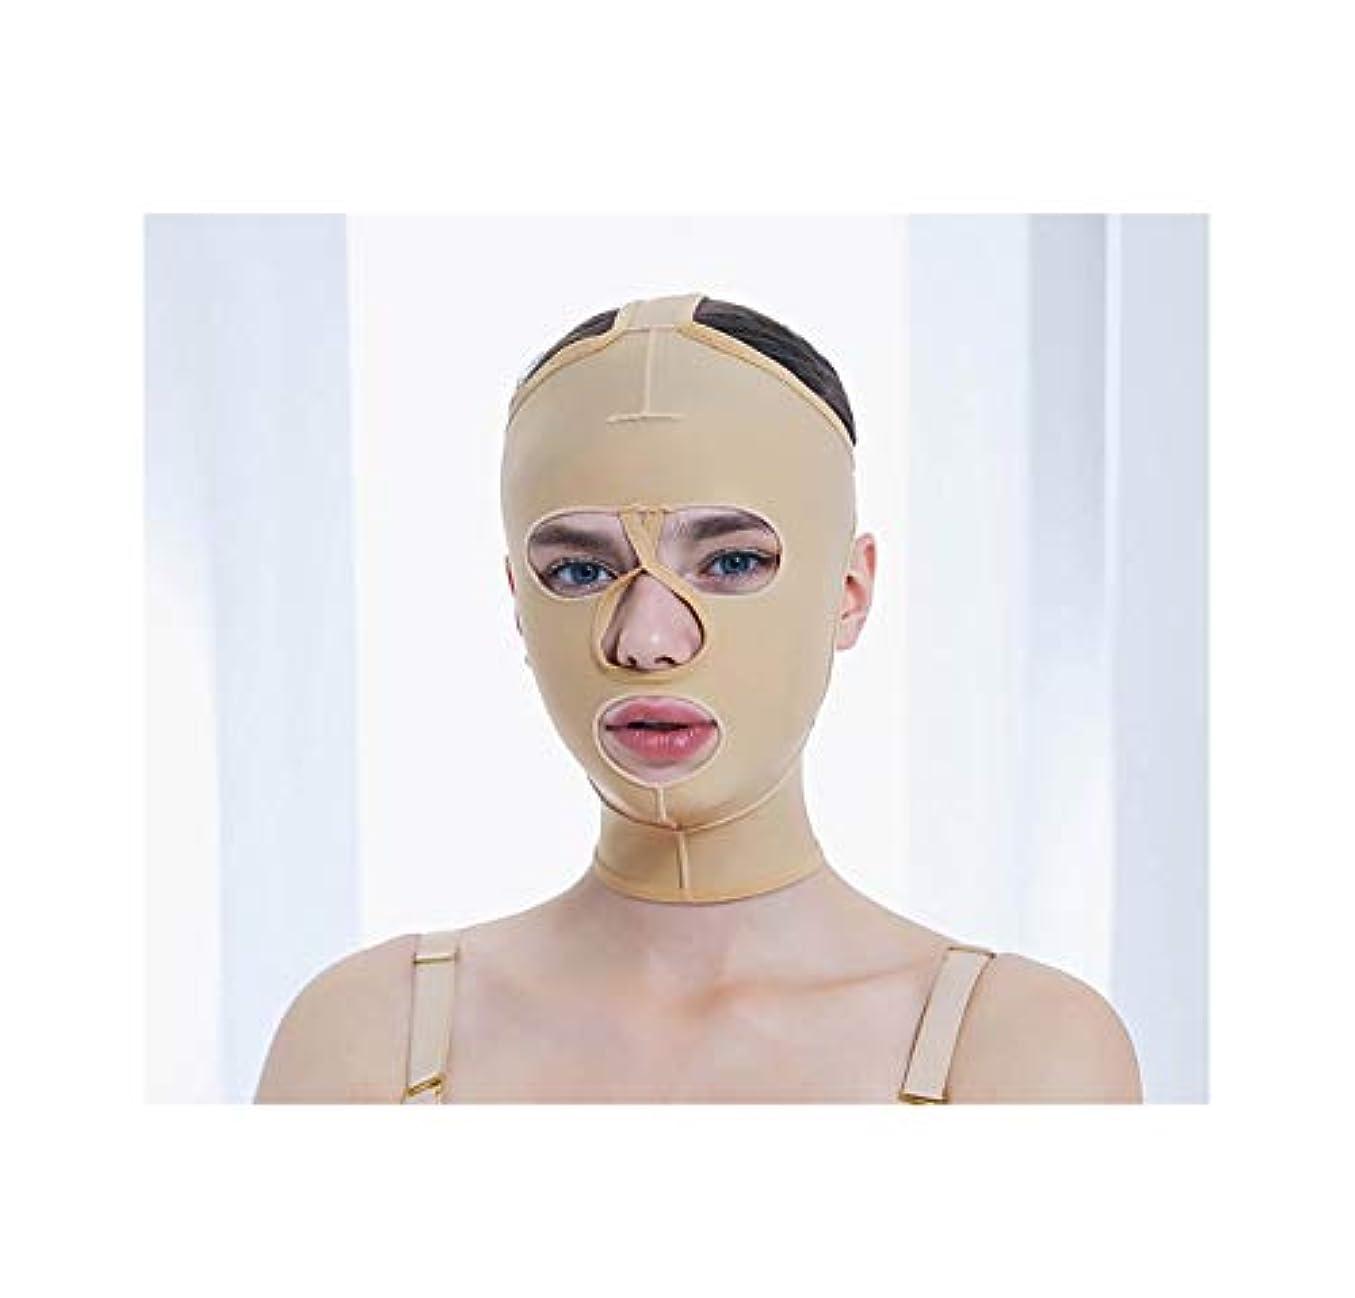 石鹸銀便利GLJJQMY 顔と首のリフト痩身マスク脂肪吸引術脂肪吸引整形マスクフードフェイシャルリフティングアーティファクトVフェイスビーム弾性スリーブ 顔用整形マスク (Size : XXL)